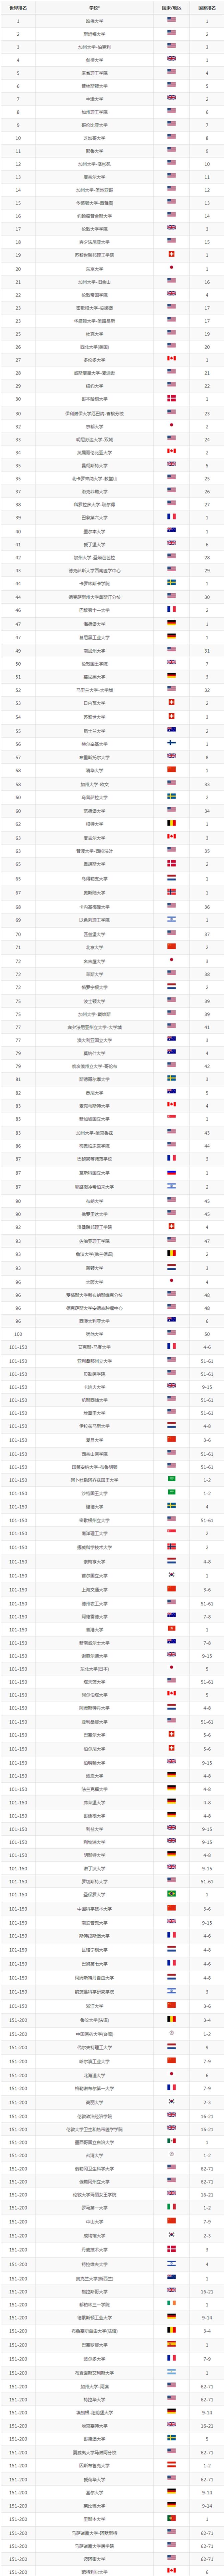 2016年世界大学学术500强新鲜出炉 中国仅有2所高校入选百强